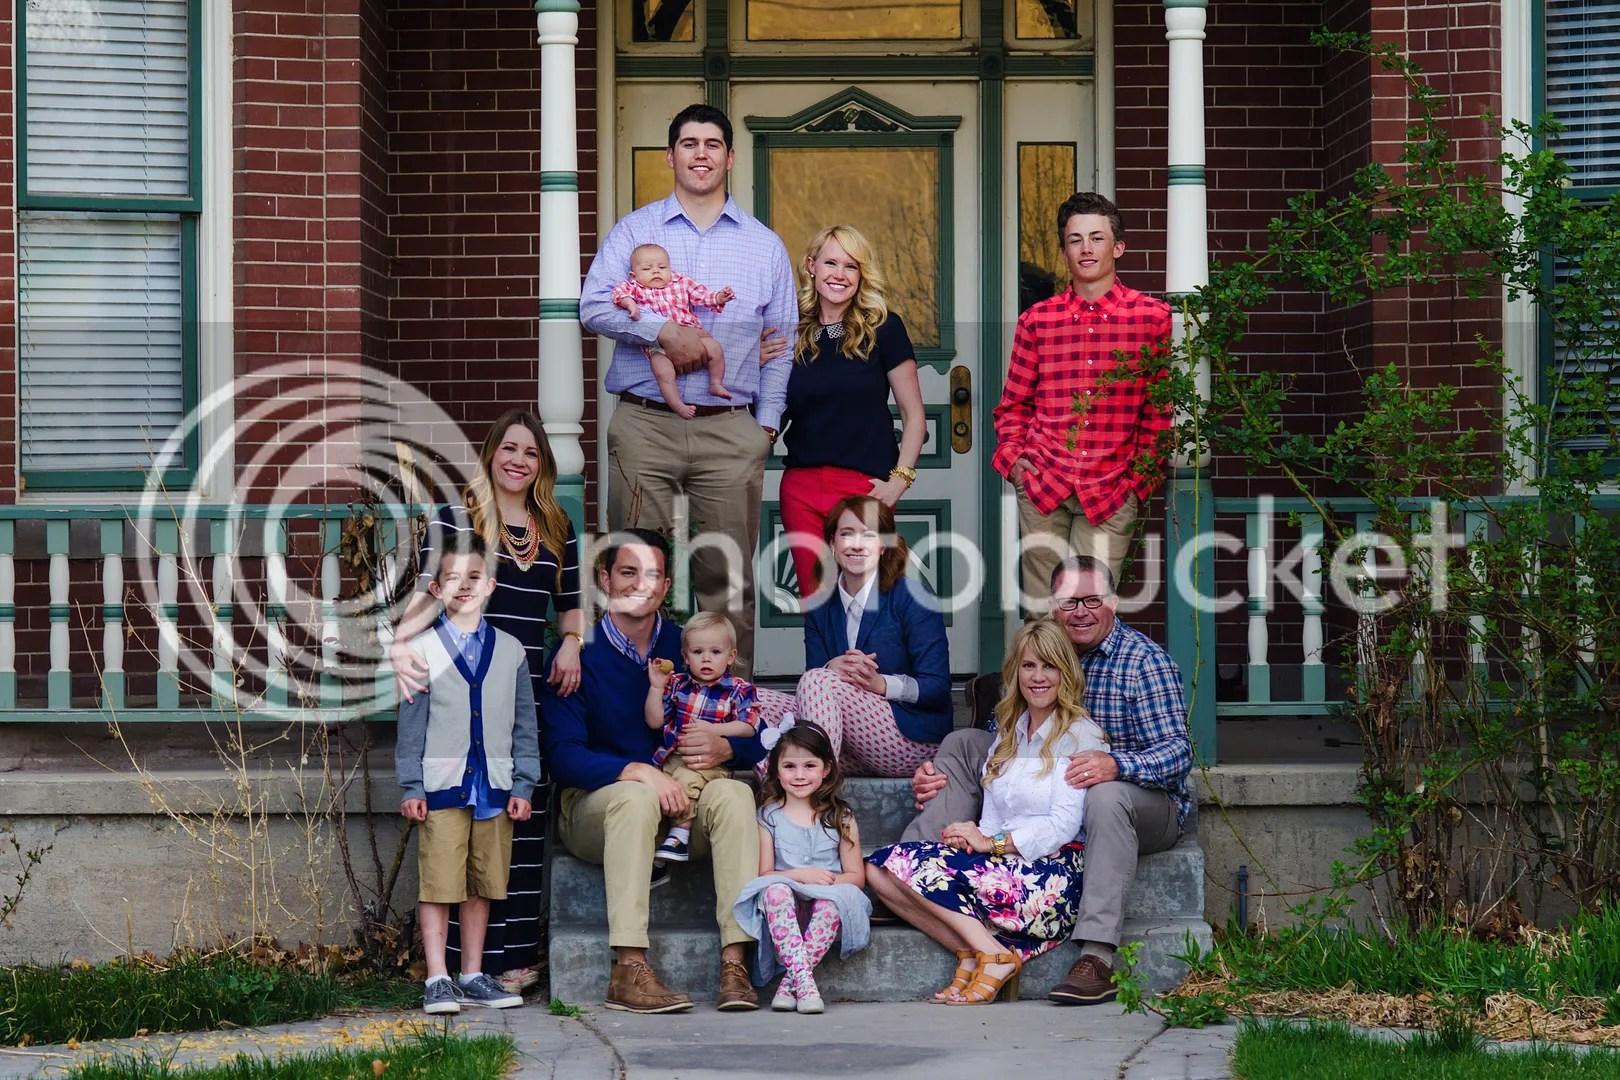 photo Millsfamily2015KSimmons_65_zps0bk7cmhv.jpg